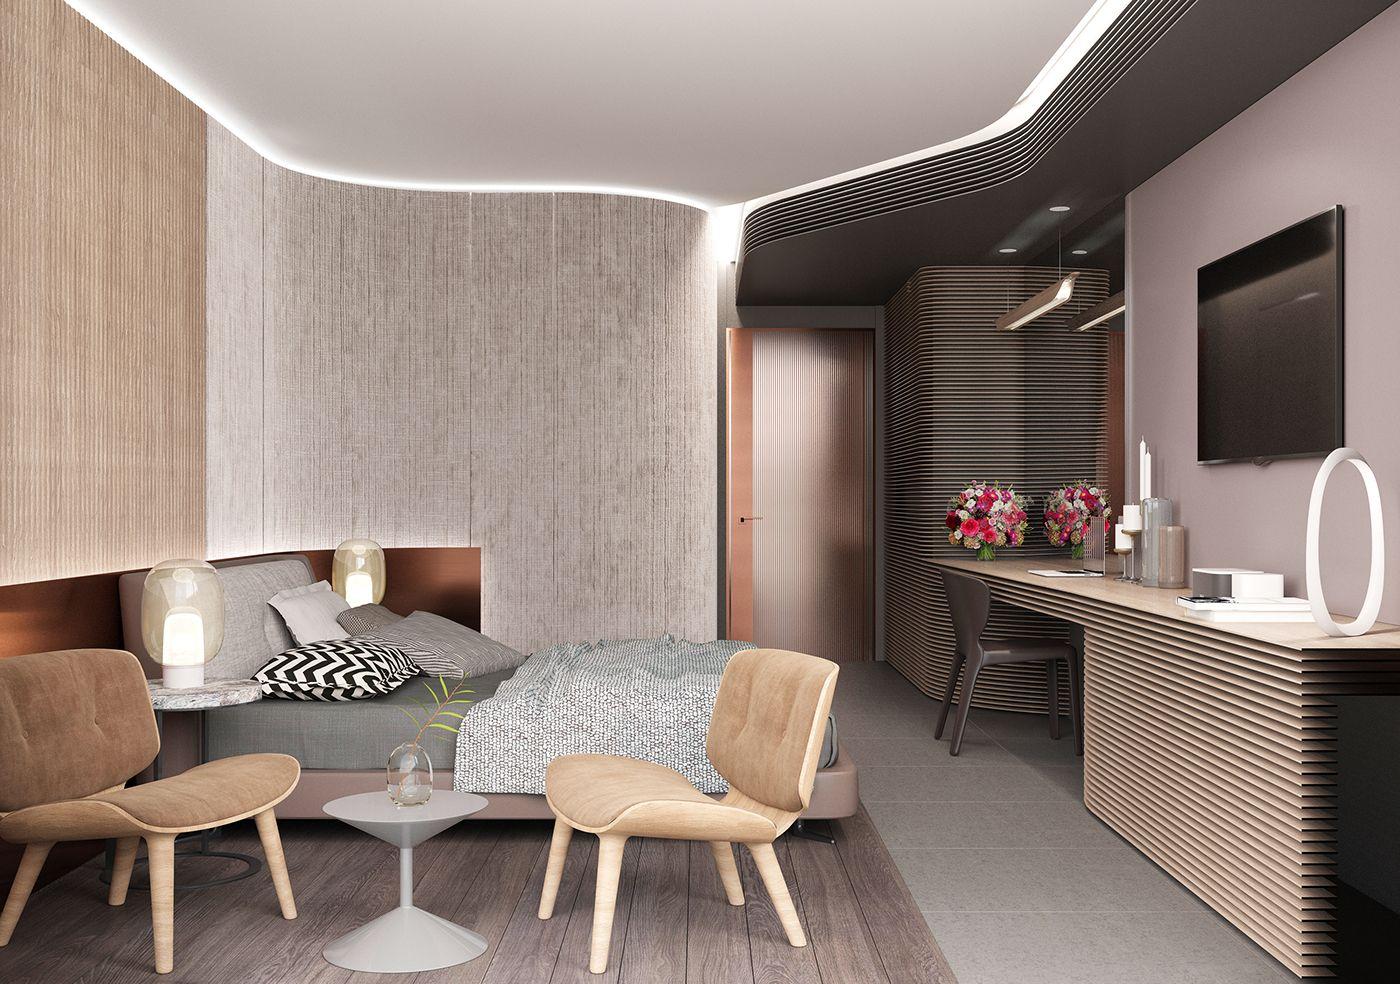 Hotel Room Corona Render On Behance Bedroom In 2018